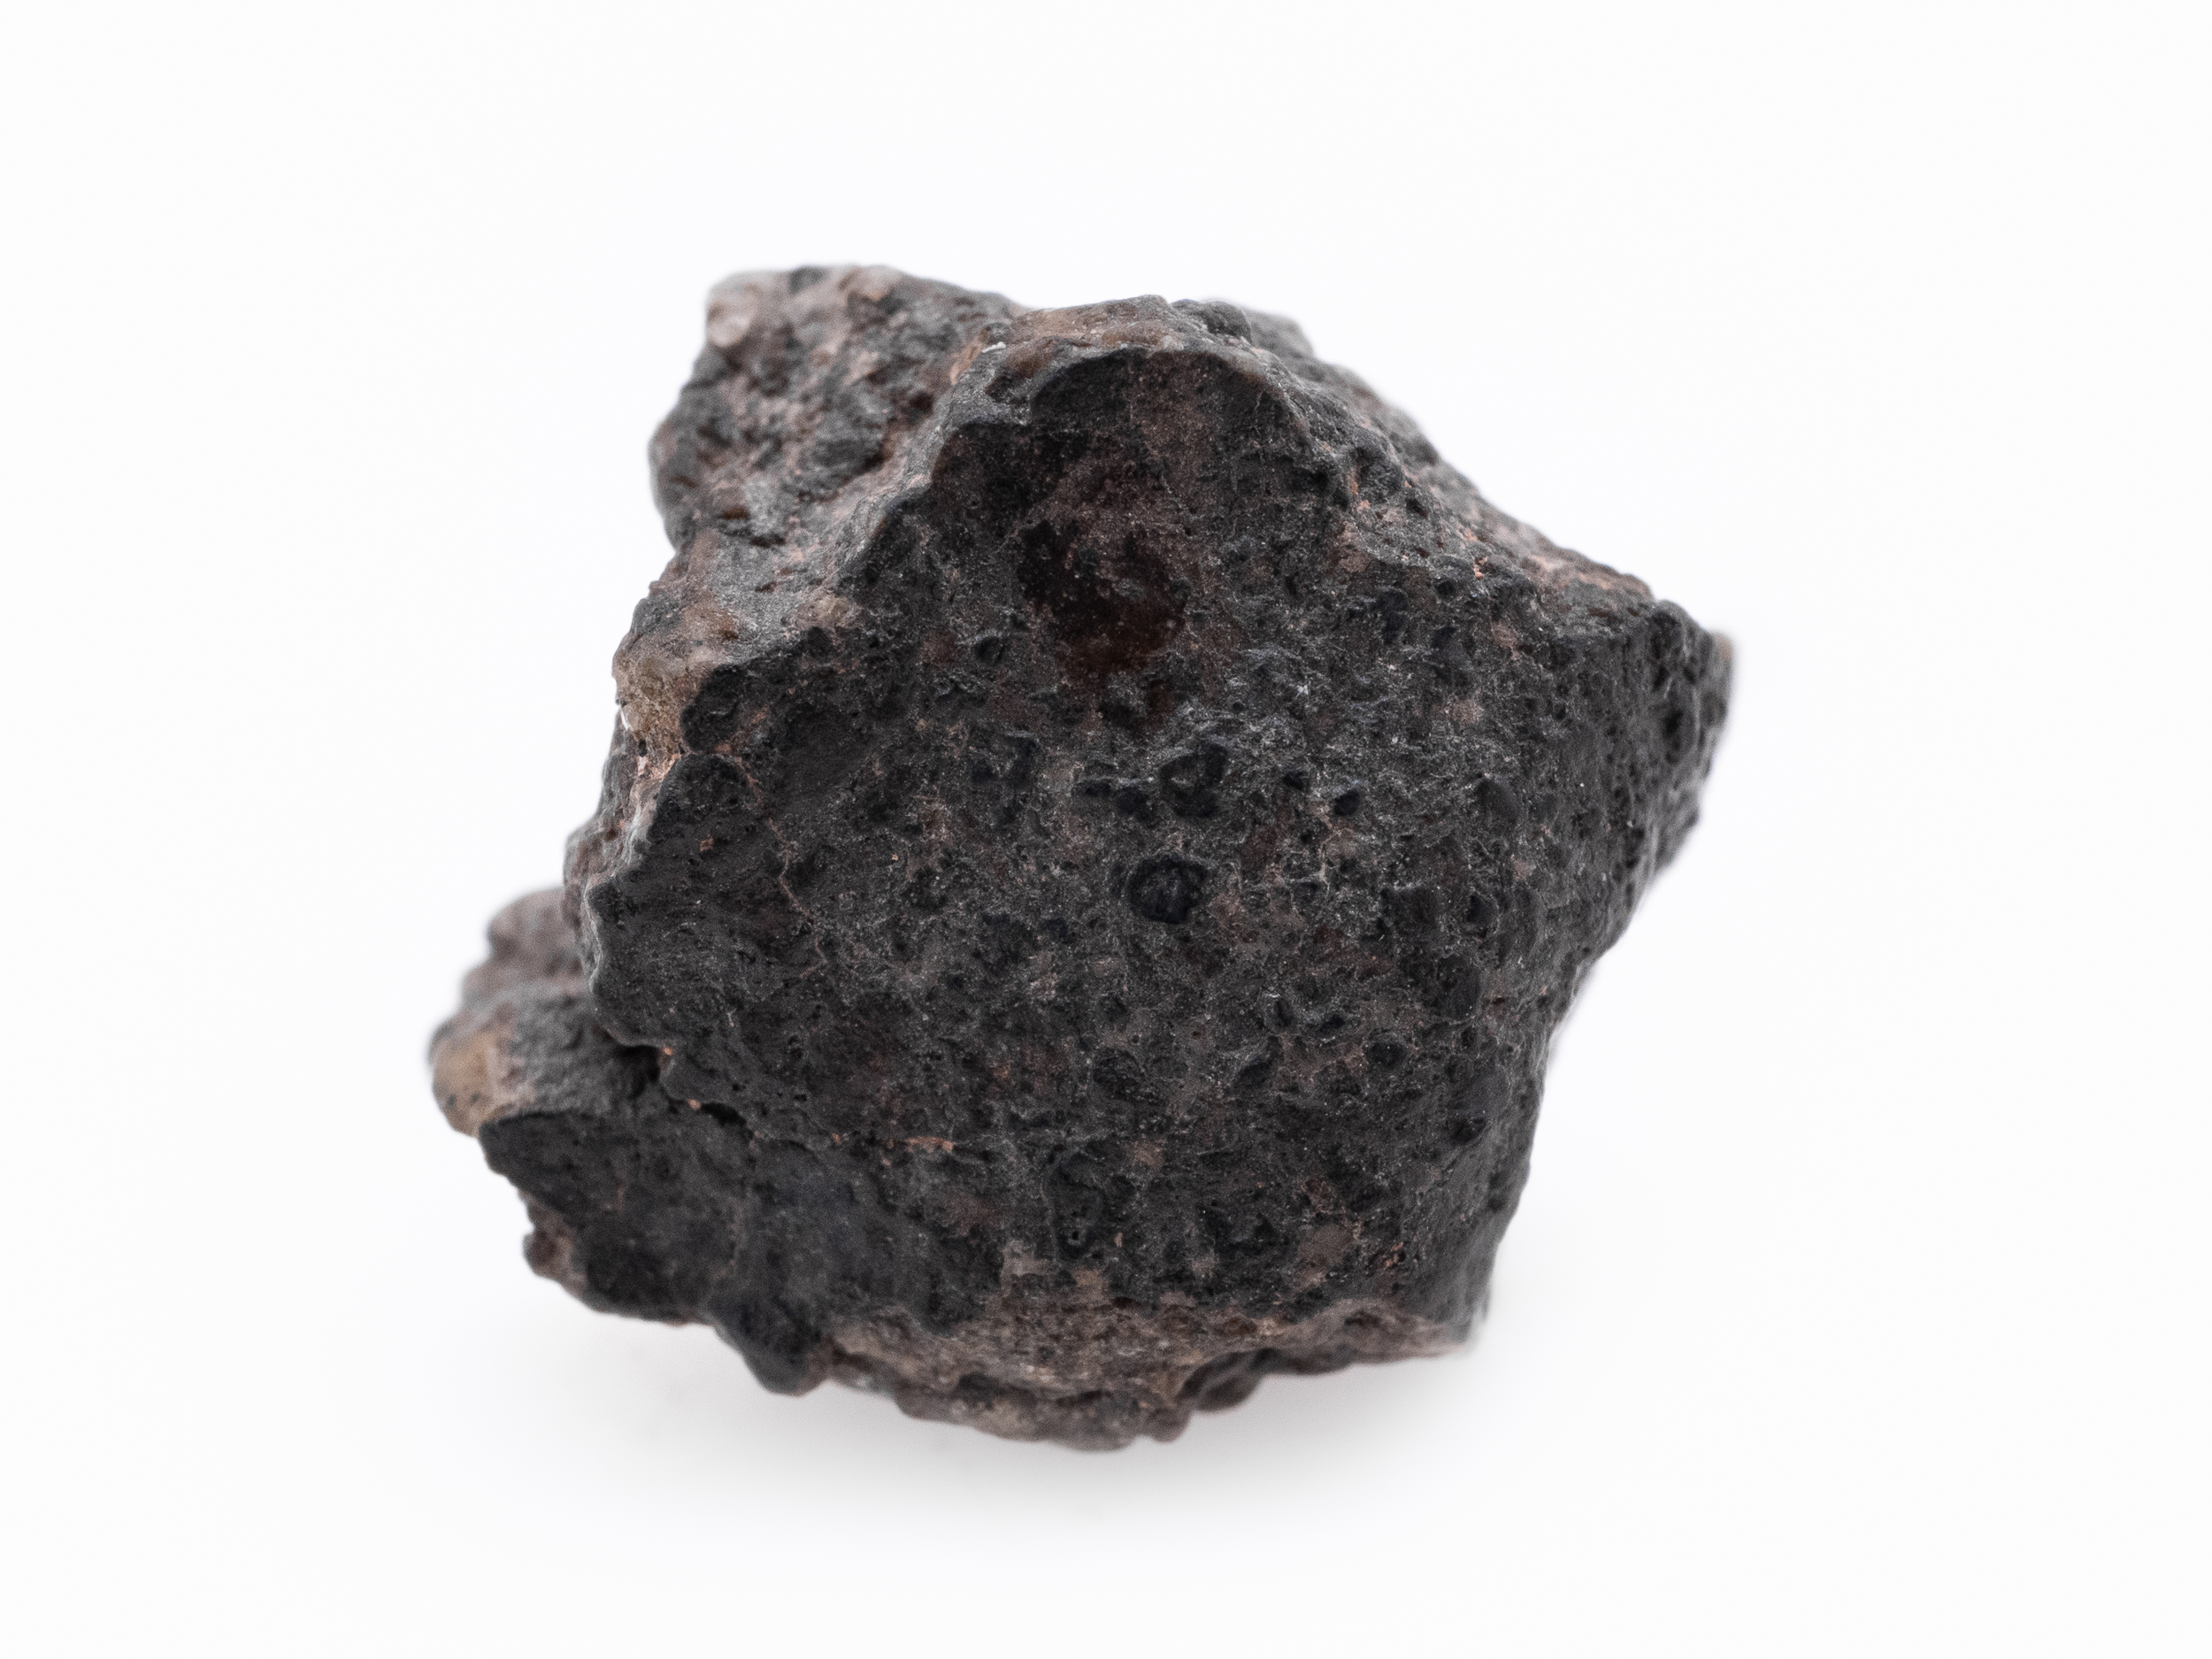 martian meteorite individual